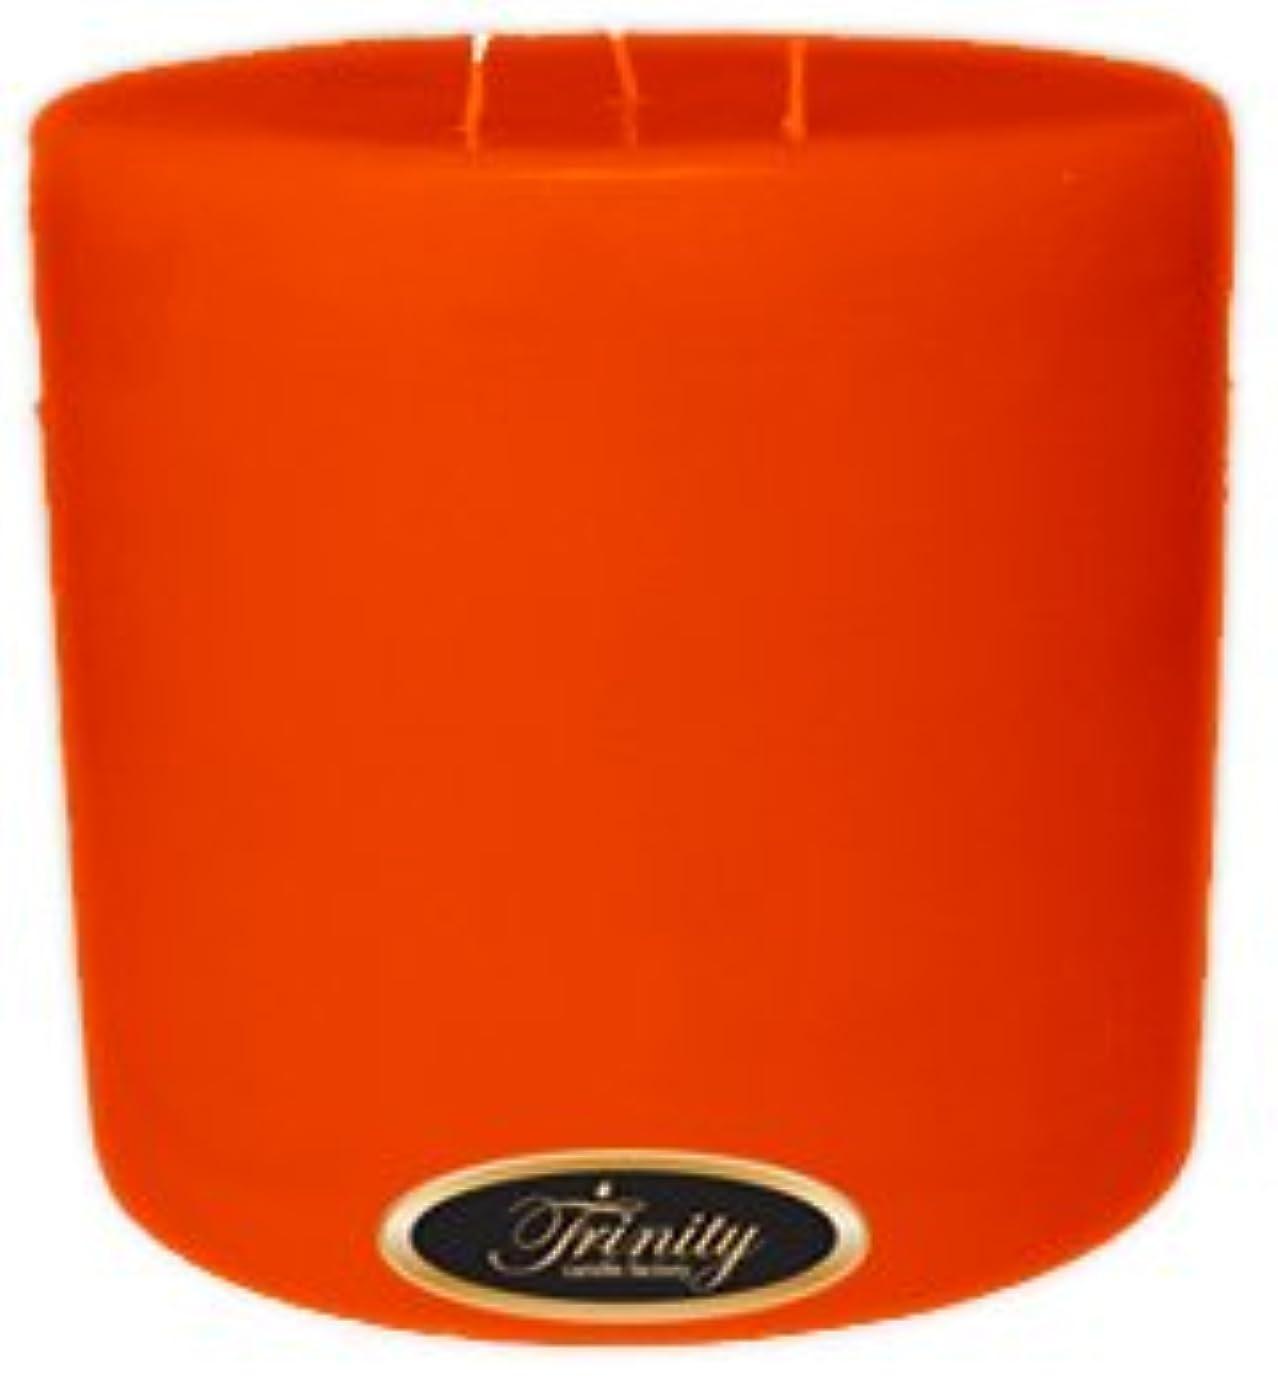 Trinity Candle工場 – スイカズラ – Pillar Candle – 6 x 6